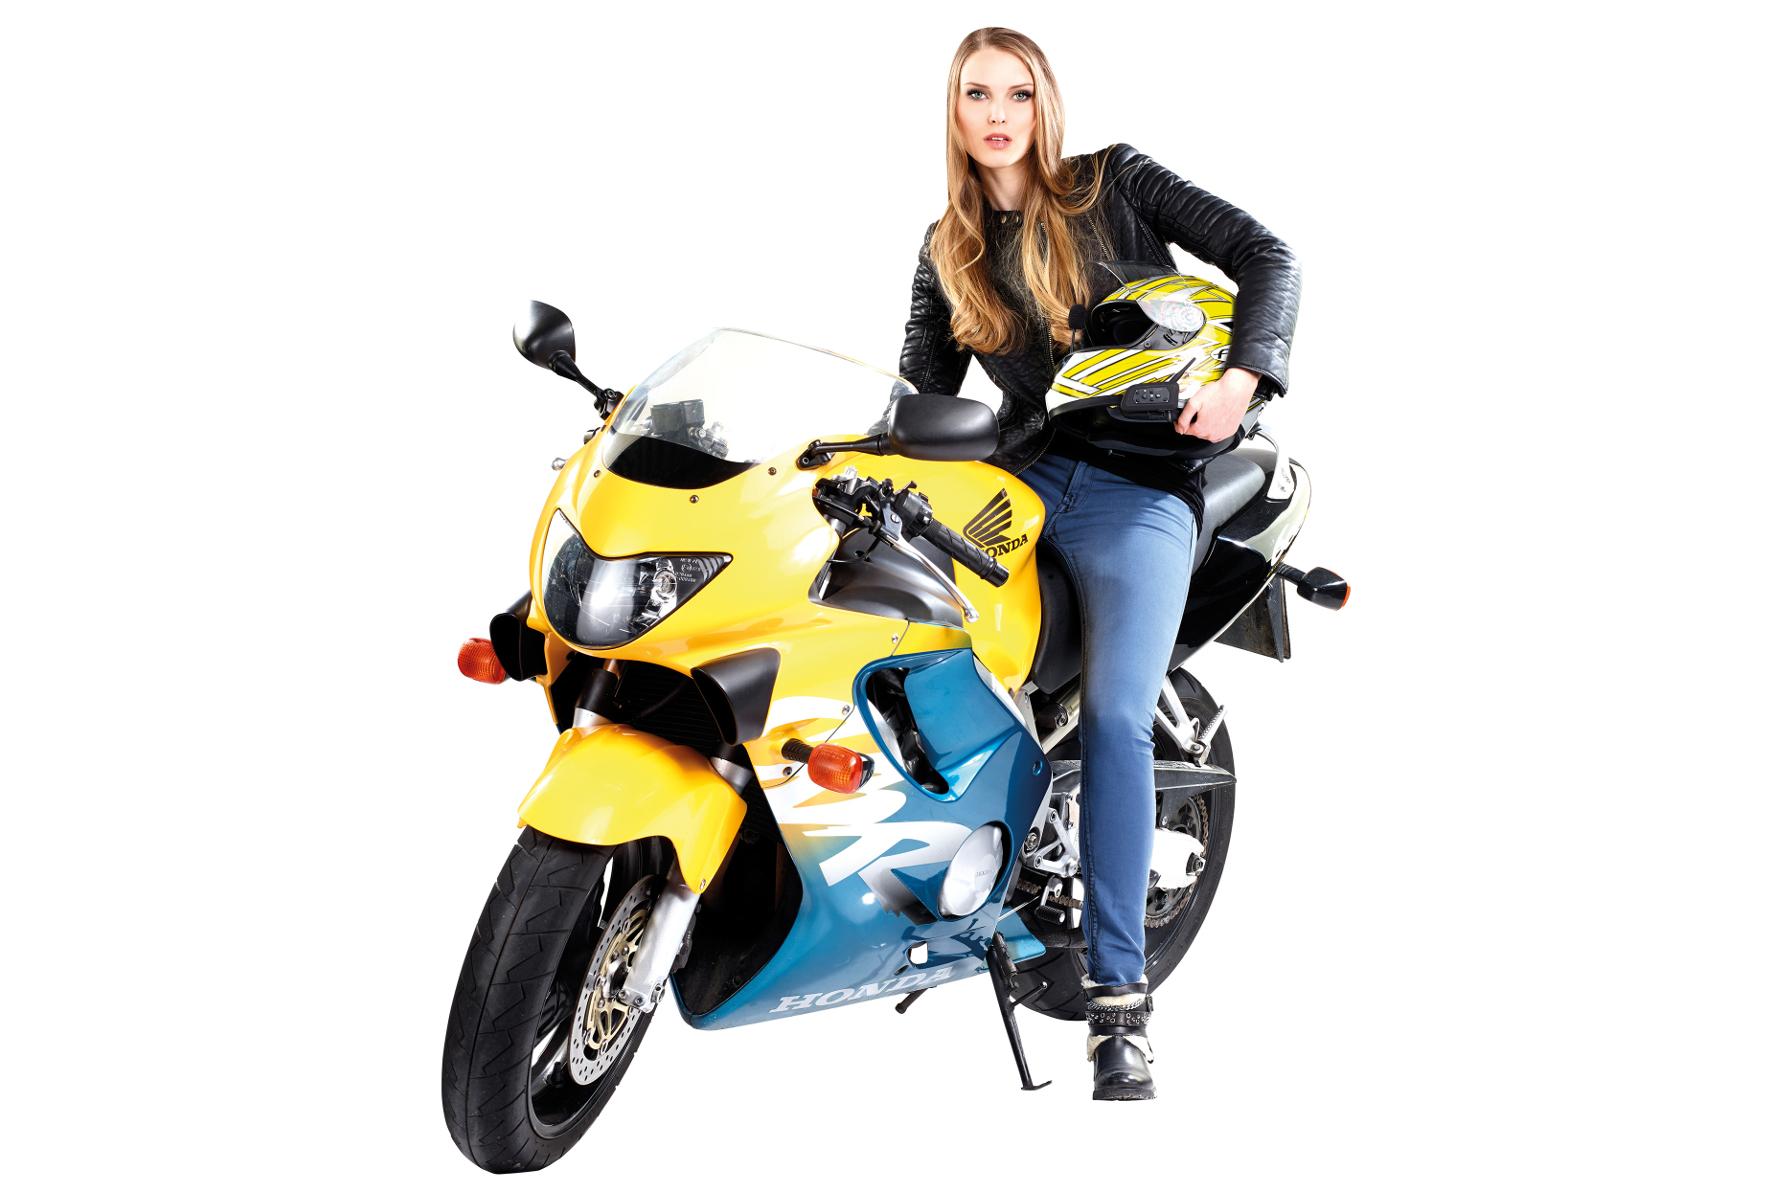 mid Groß-Gerau - Ein attraktives Angebot für Motorradfahrer: Helme mit Bluetooth-Funktion erleichtern die Kommunikation auf dem Bike.